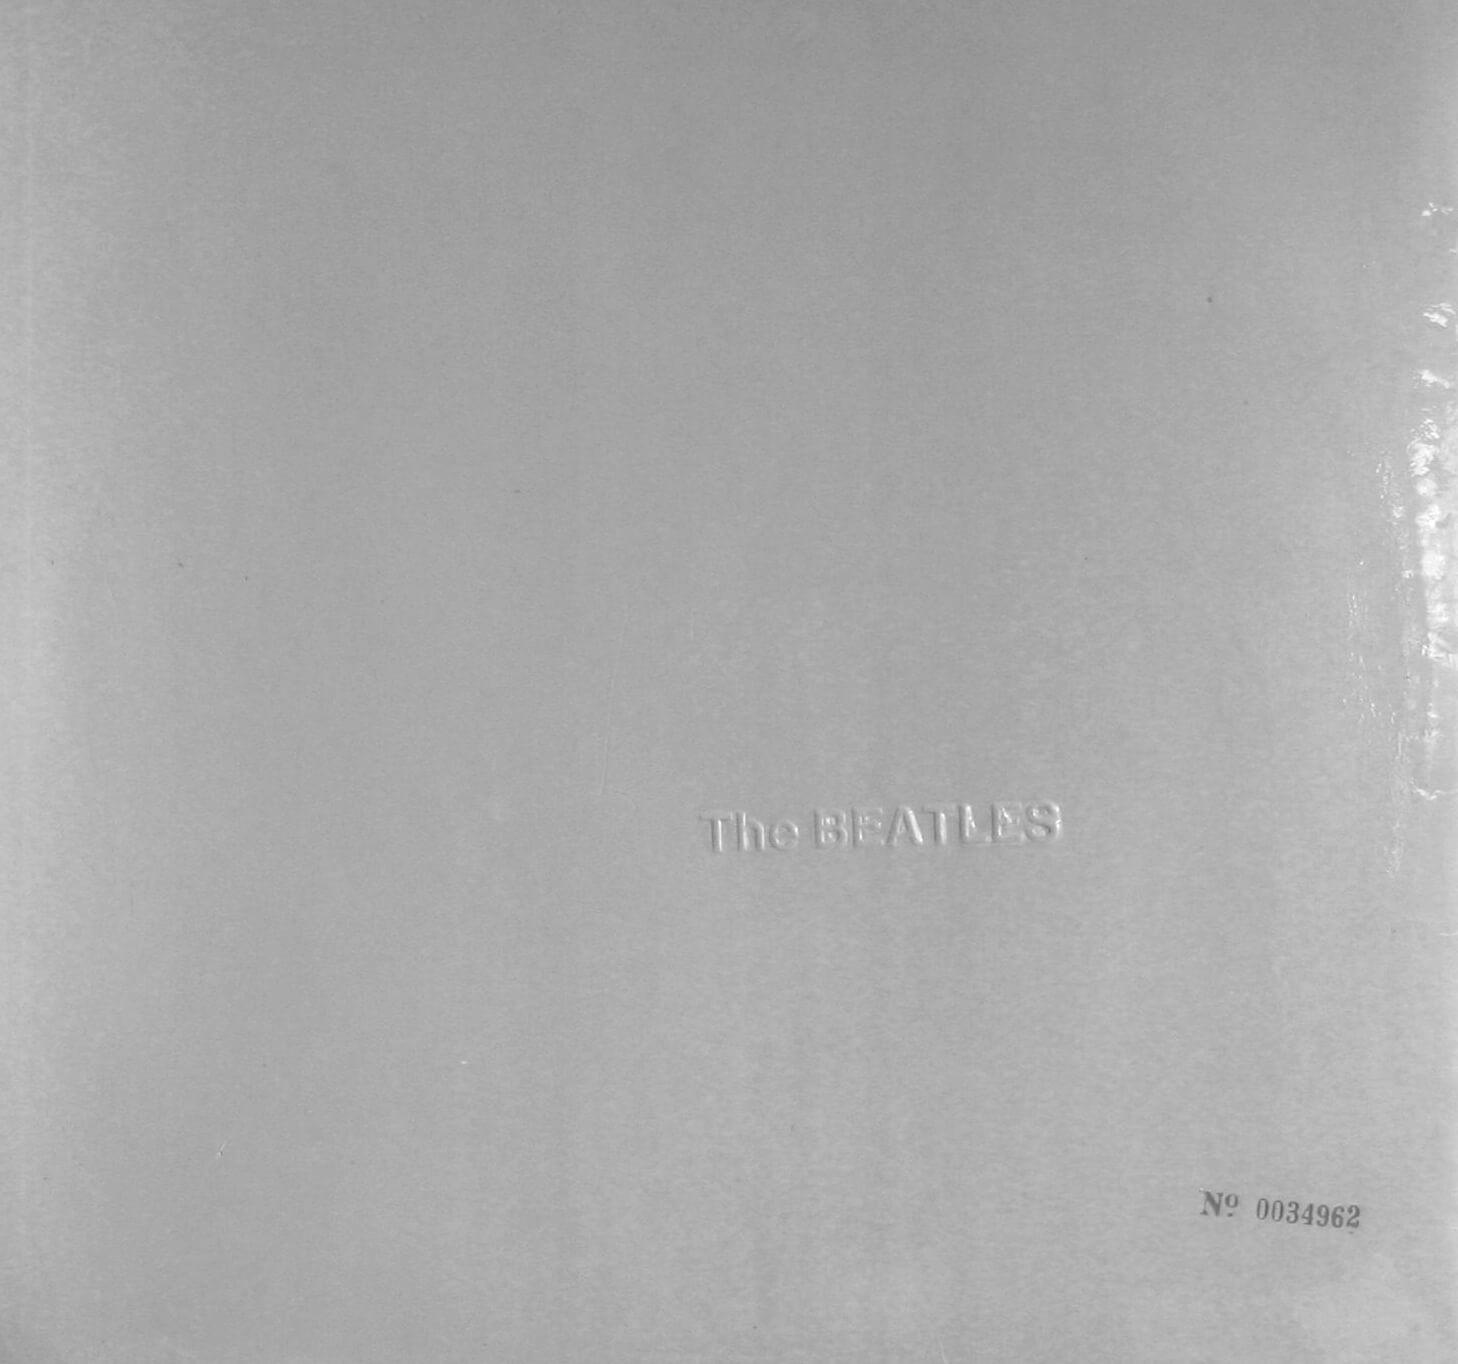 30-white album